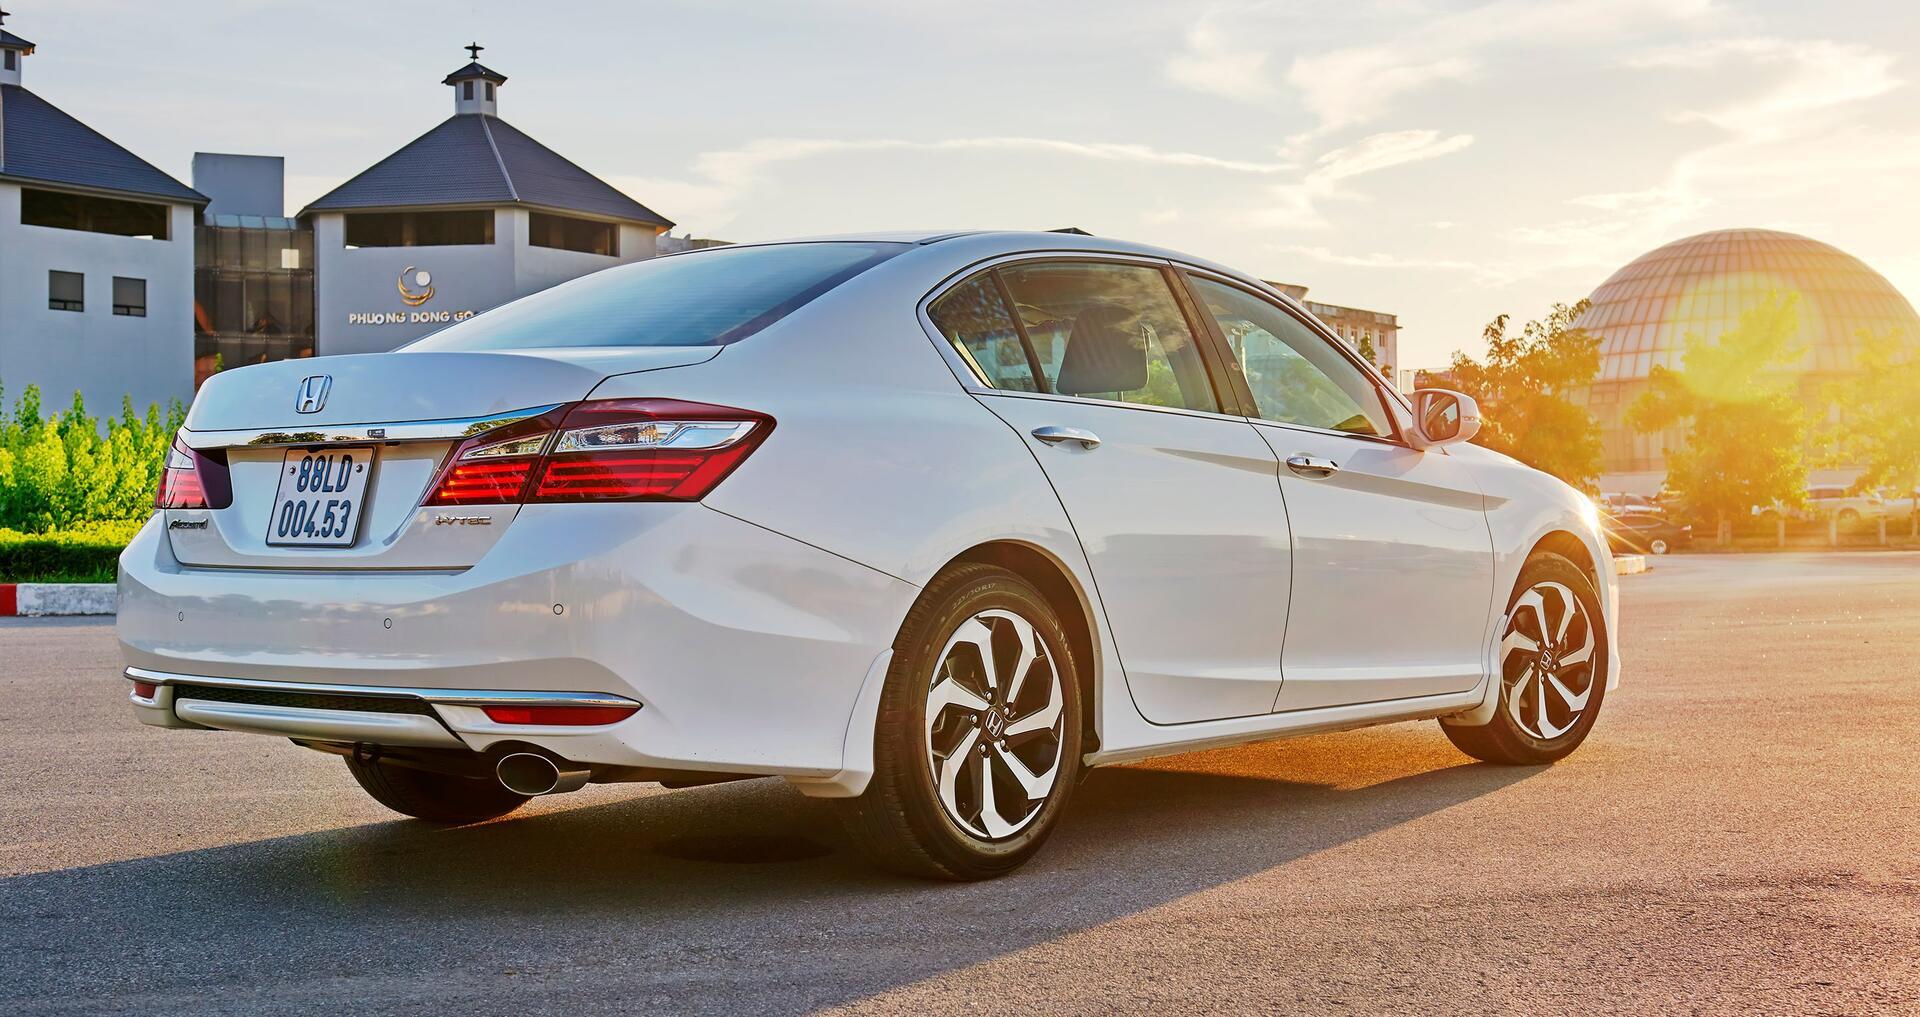 Đánh giá Honda Accord 2016: Ưa nhìn hơn, trang bị tốt hơn và lái phấn khích hơn - Hình 9